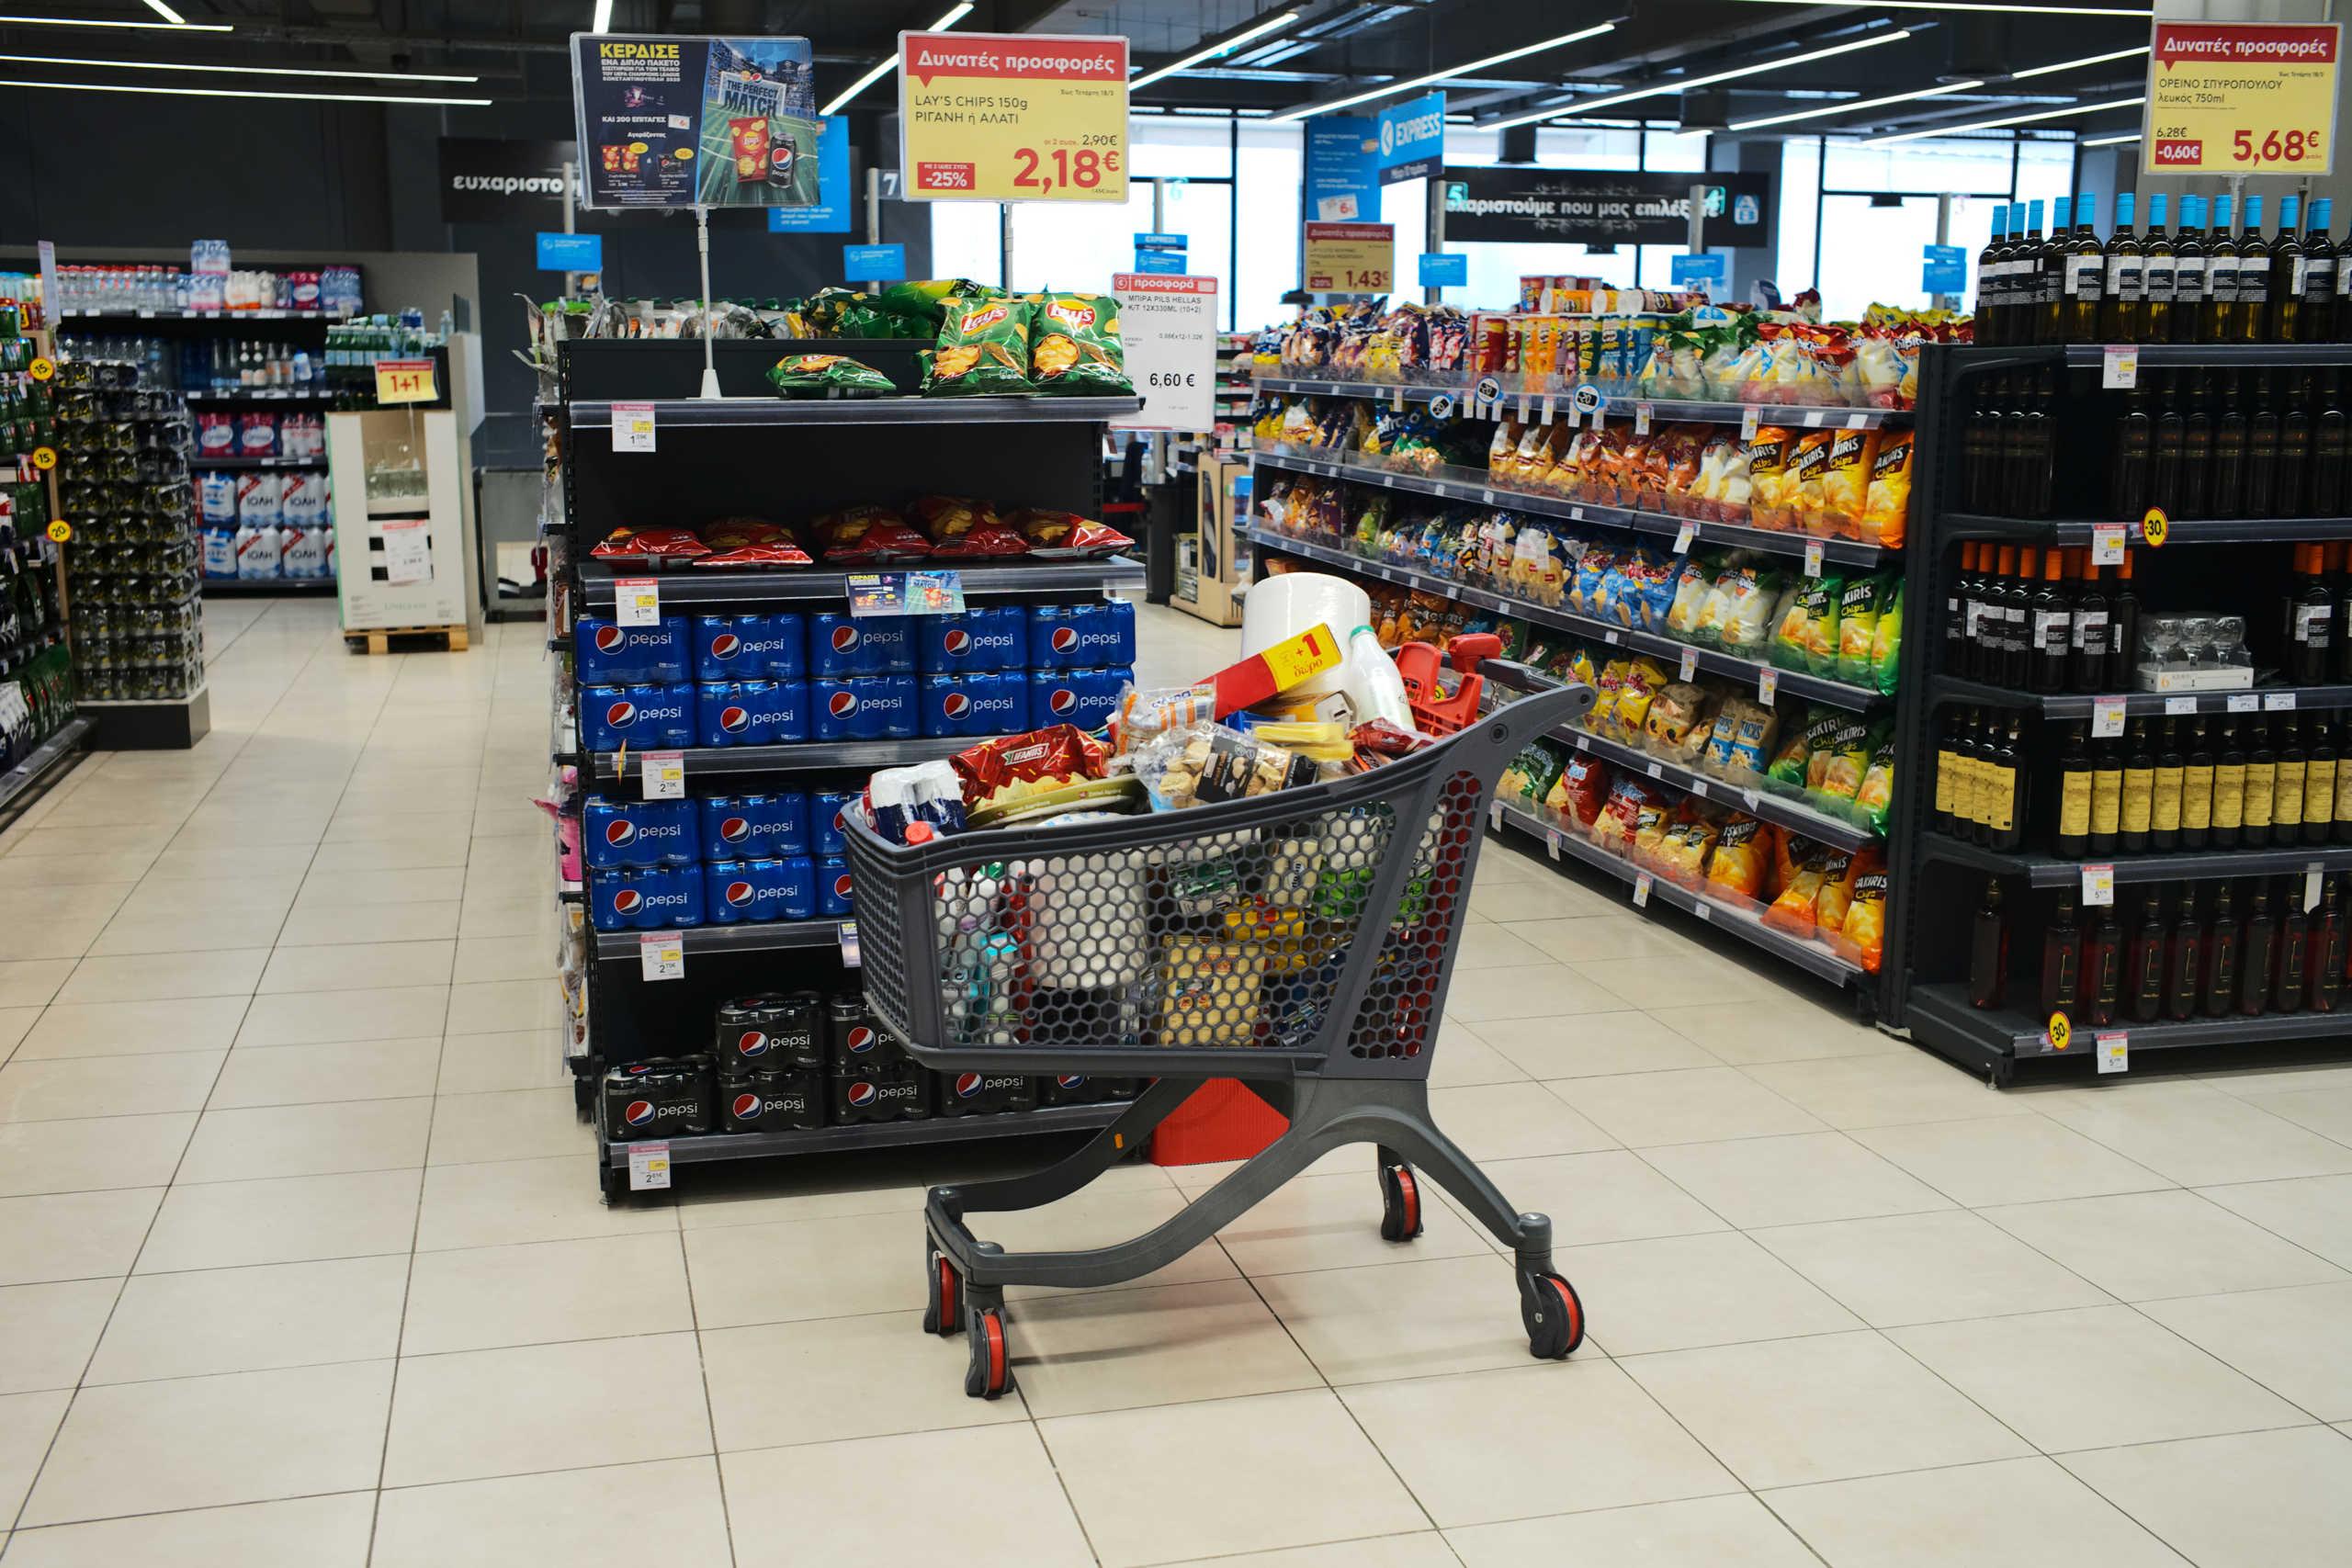 Σούπερ μάρκετ: Αστρονομικές εισπράξεις τις 11 εβδομάδες του κορονοϊού – 694,5% πάνω οι πωλήσεις αντισηπτικών τζελ